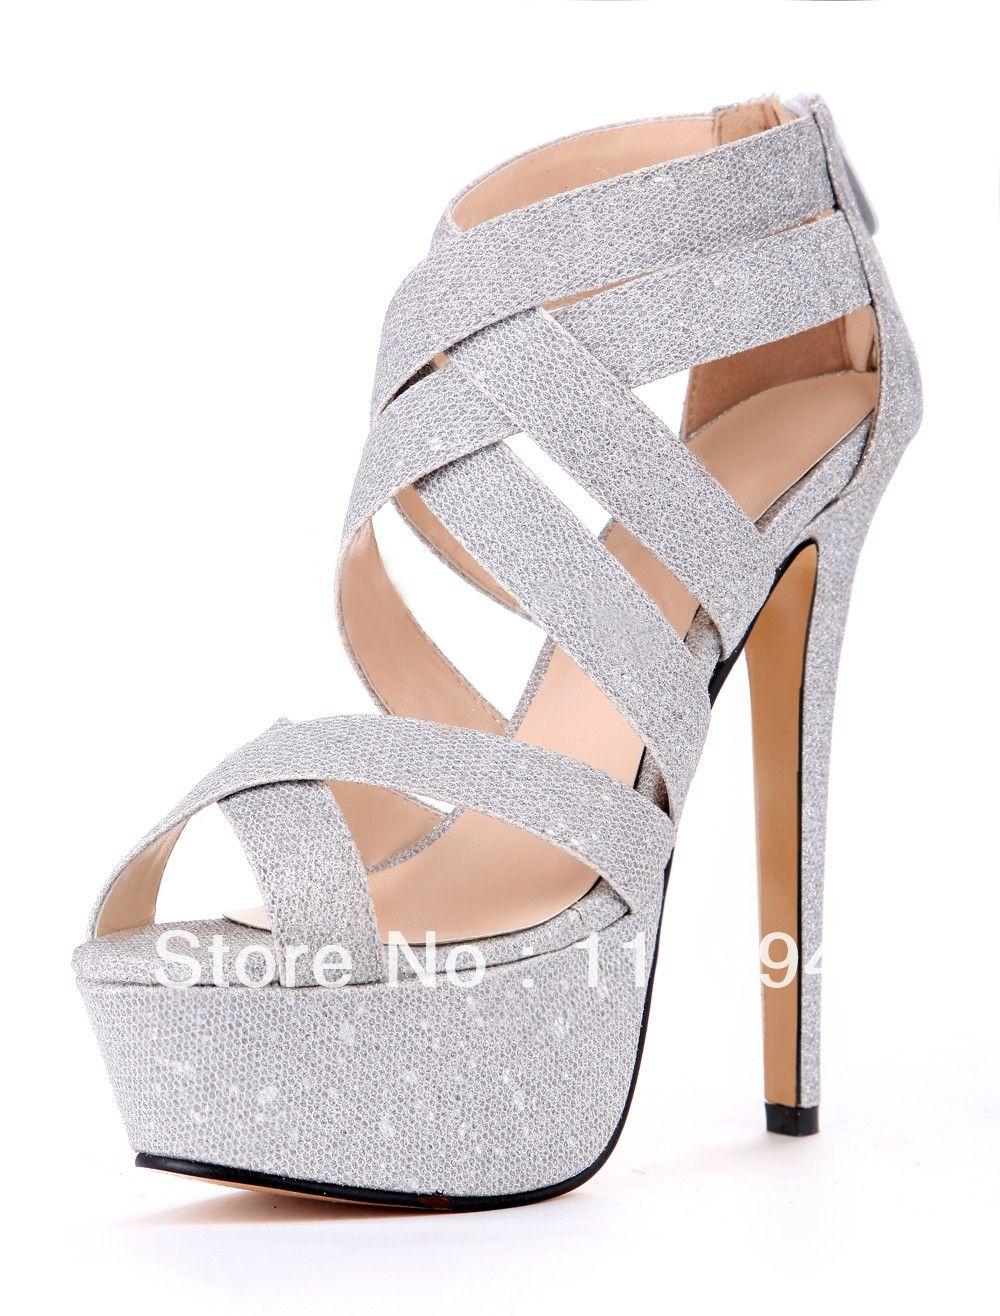 3d4828457 ... Compro Qualidade Sandálias diretamente de fornecedores da China: 2013 de  Moda de Nova Prata Preto Mulher Gladiador sandálias salto alto sapatos de  festa ...